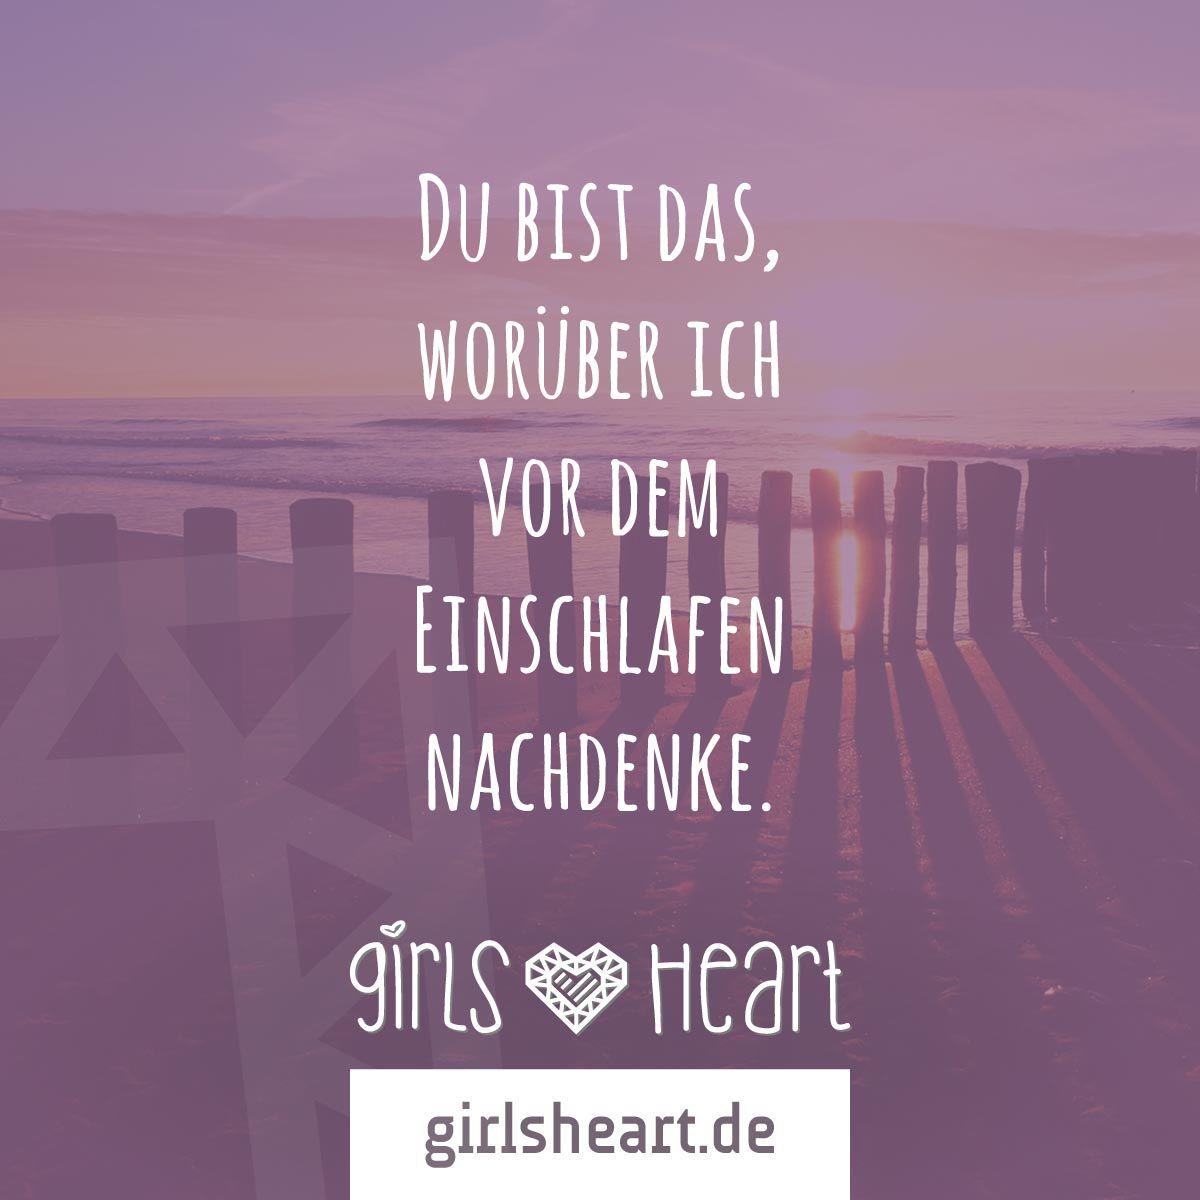 Mehr Spruche Auf Www Girlsheart De Liebe Partner Freund